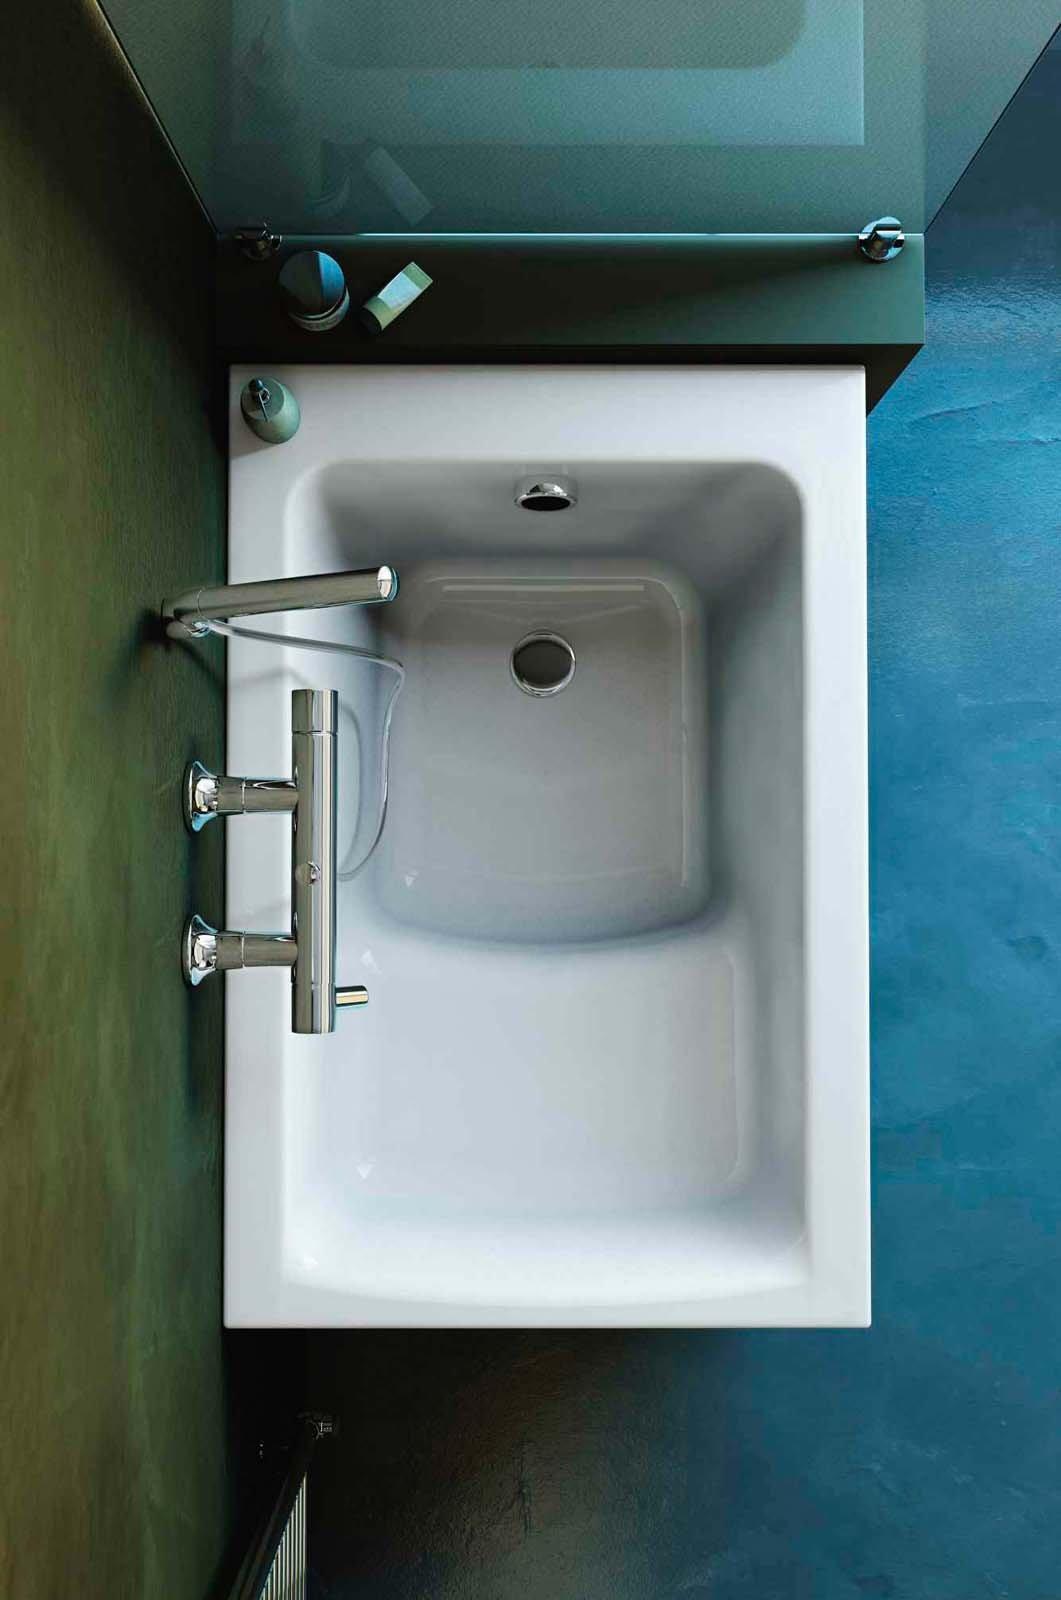 Vasche da bagno low cost a partire da 182 euro cose di casa - Costo vasca da bagno ...